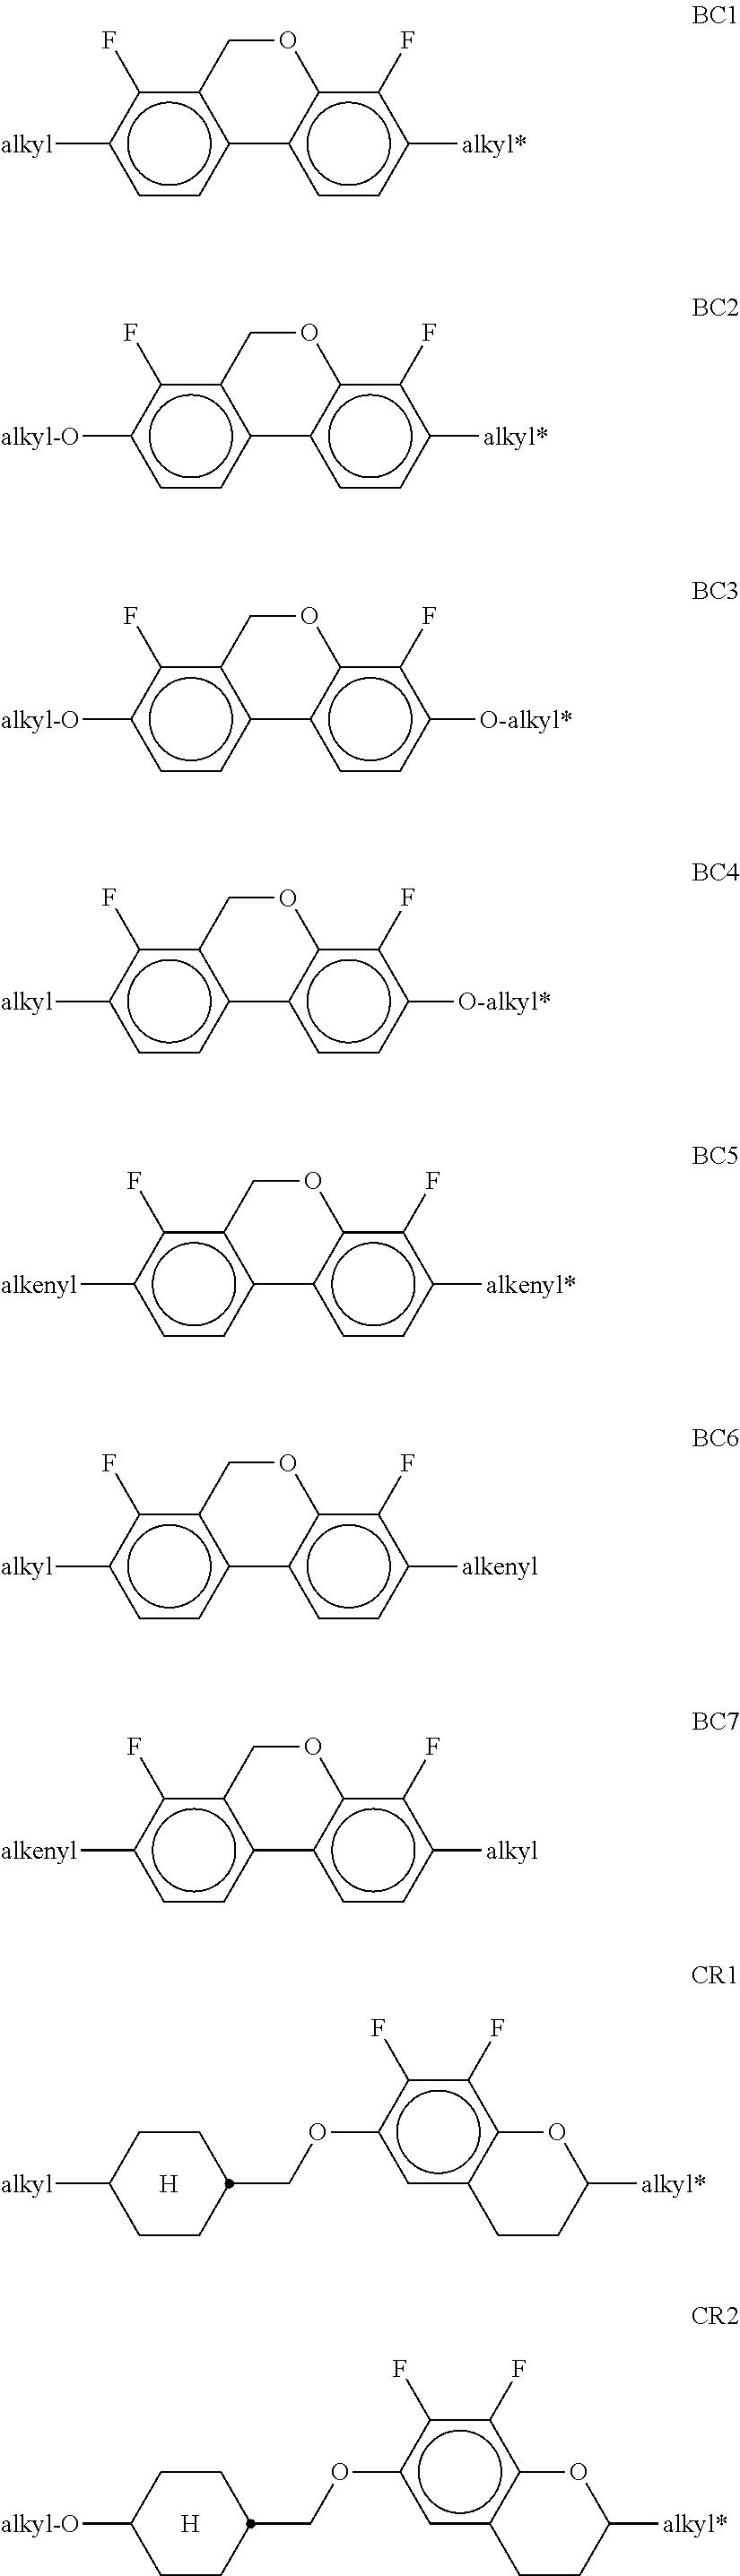 Figure US20110051049A1-20110303-C00052